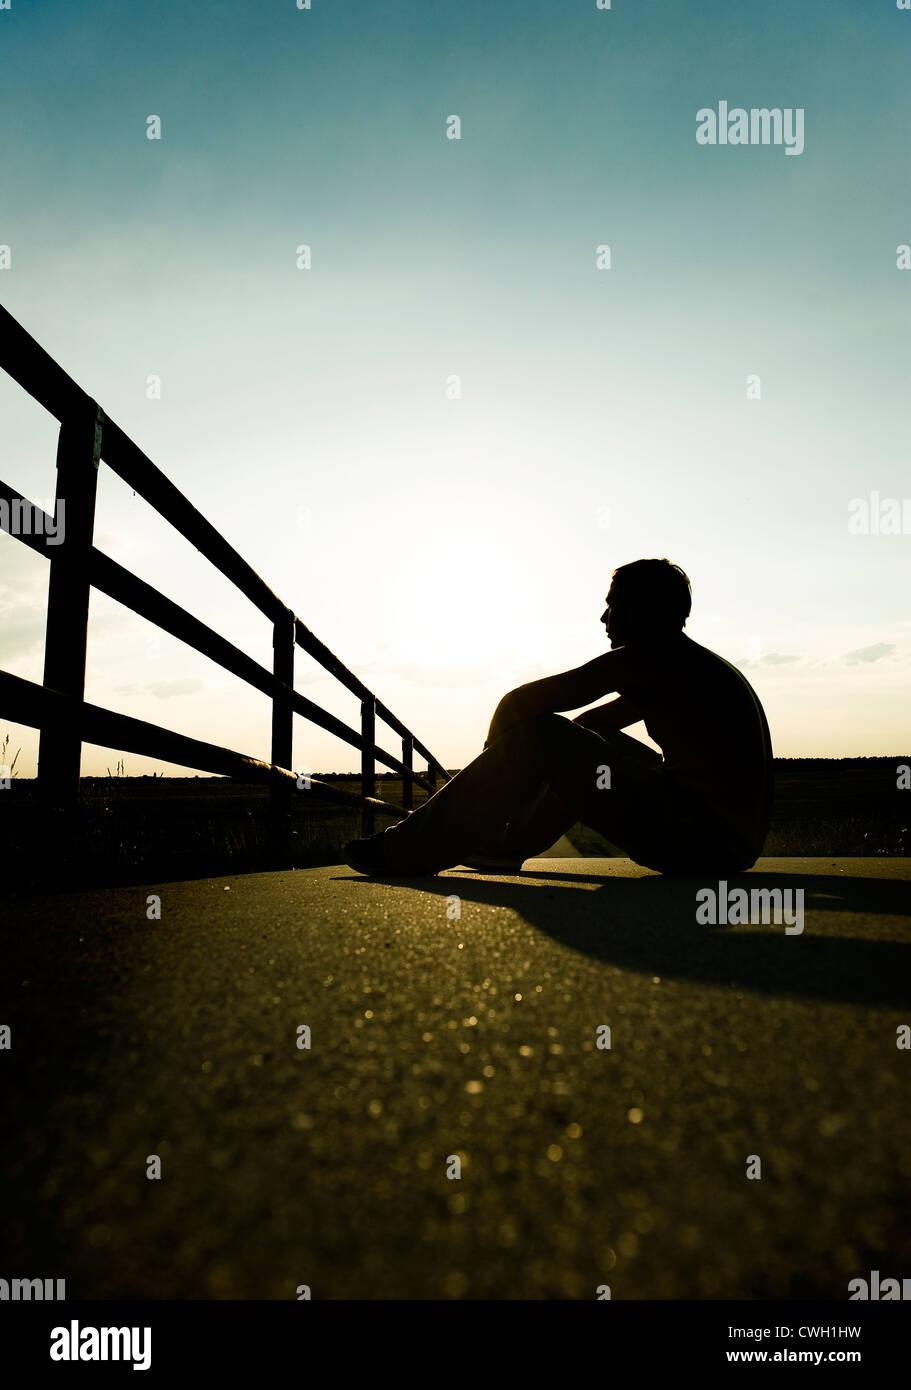 La solitude,la solitude,ossature Photo Stock